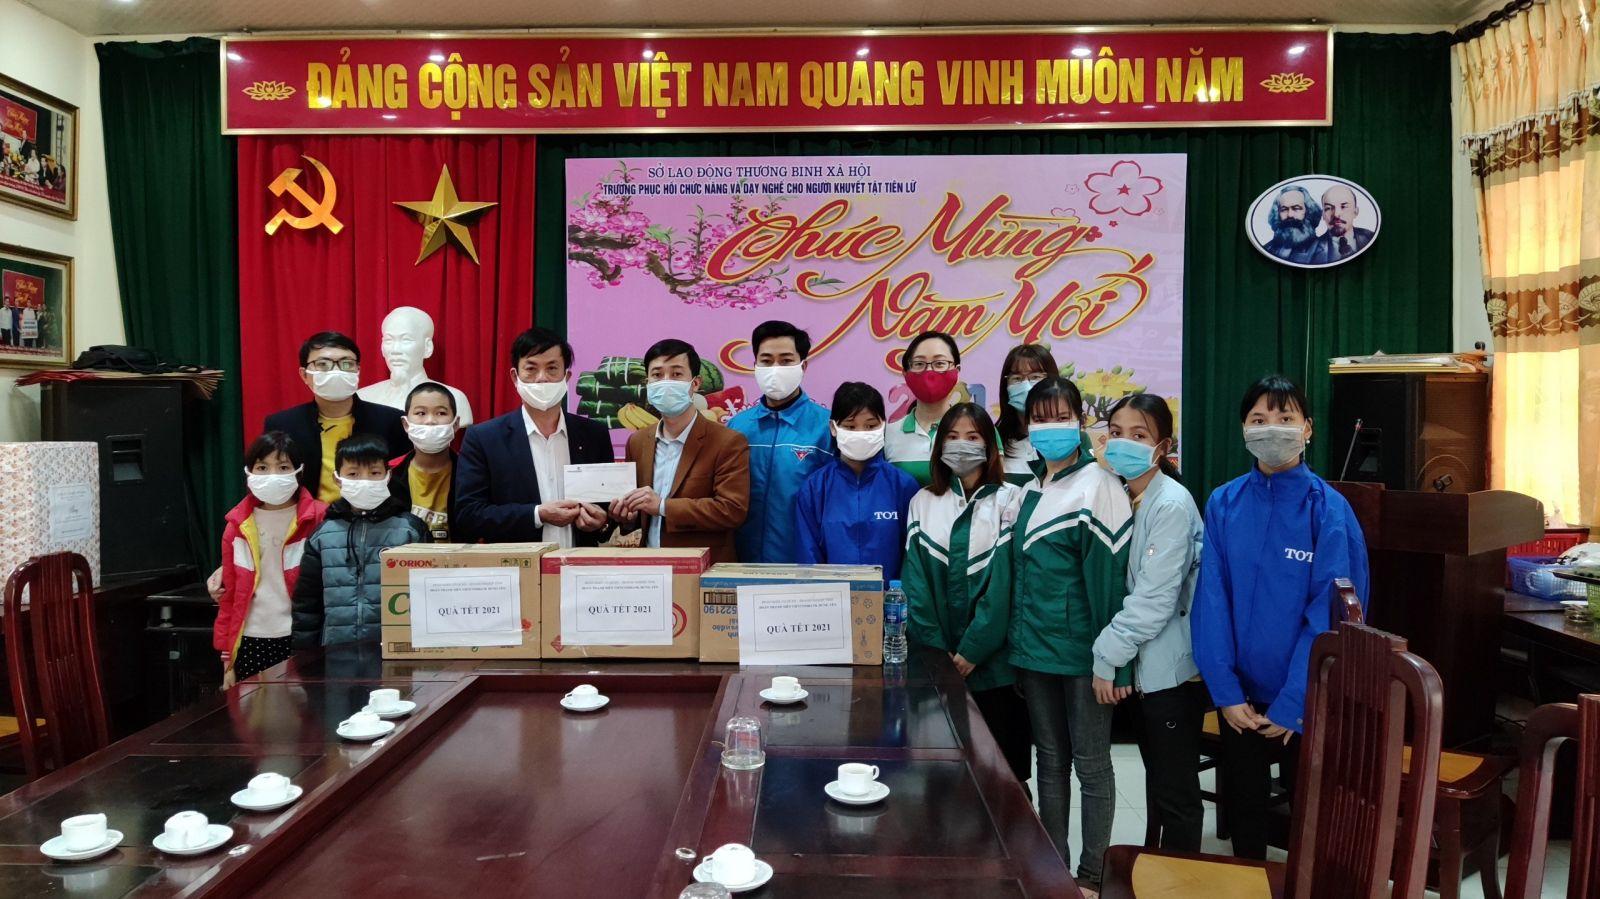 Đoàn khối Cơ quan - Doanh nghiệp tỉnh tổ chức hoạt động thăm, tặng quà học sinh có hoàn cảnh khó khăn dịp Tết Nguyên đán Tân Sửu năm 2021